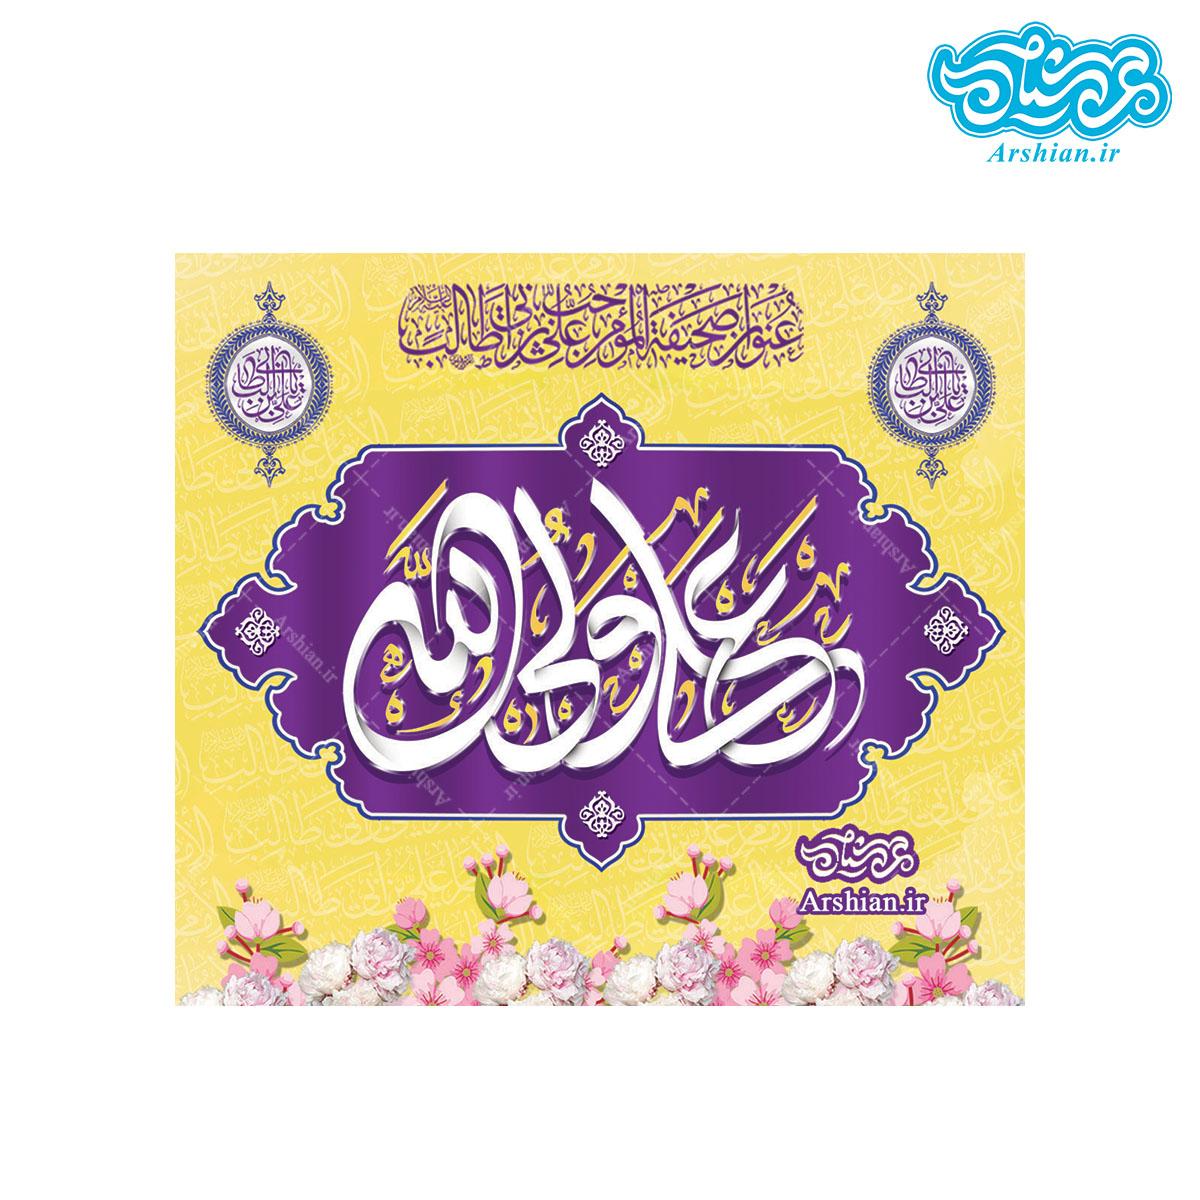 برچسب باطرح علی ولی الله کد002(بسته 50 عددی)